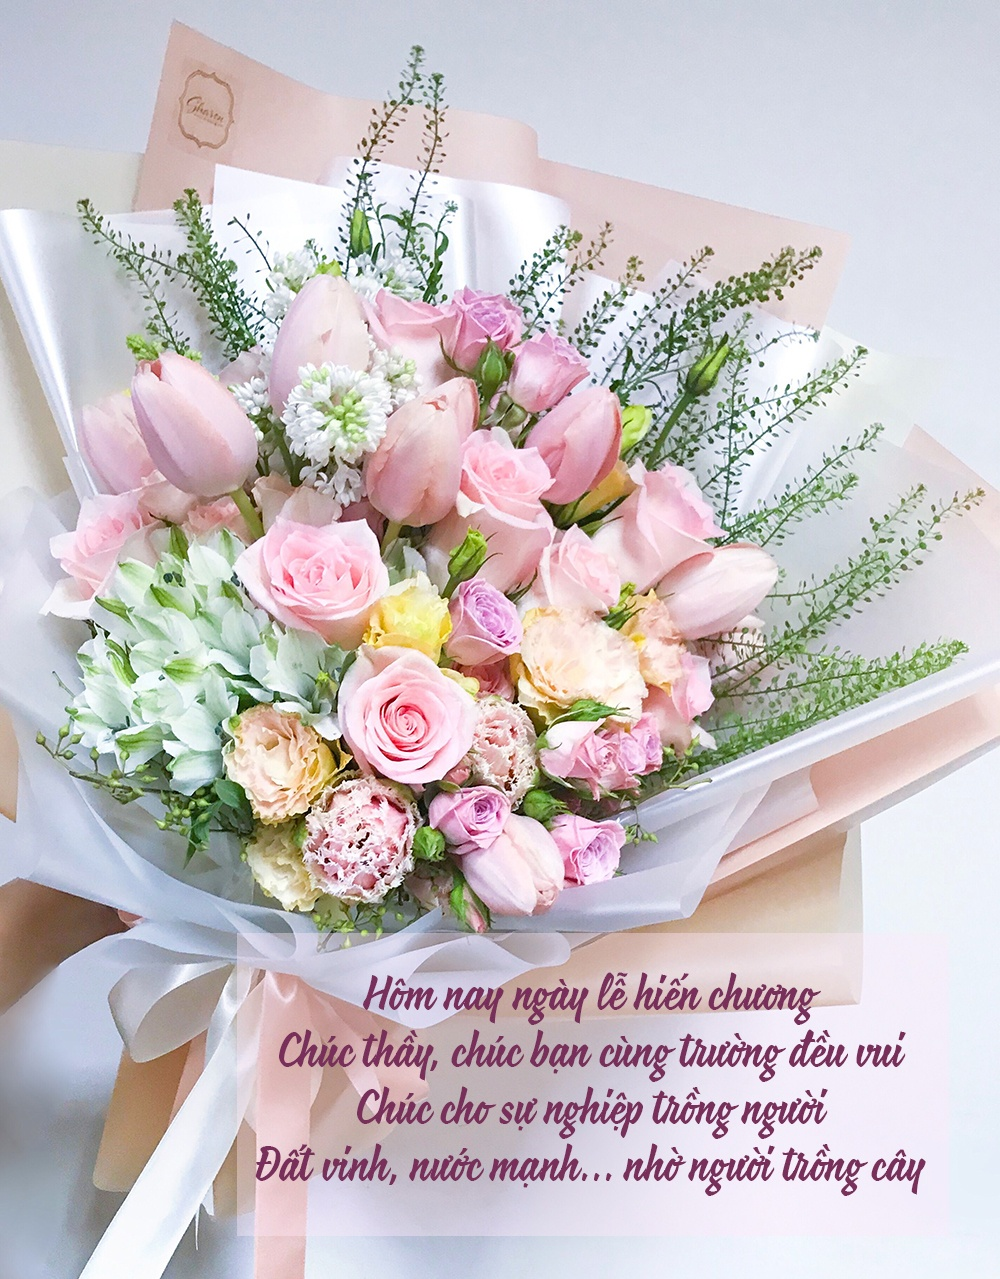 Ảnh mừng ngày nhà giáo Việt Nam ý nghĩa nhất